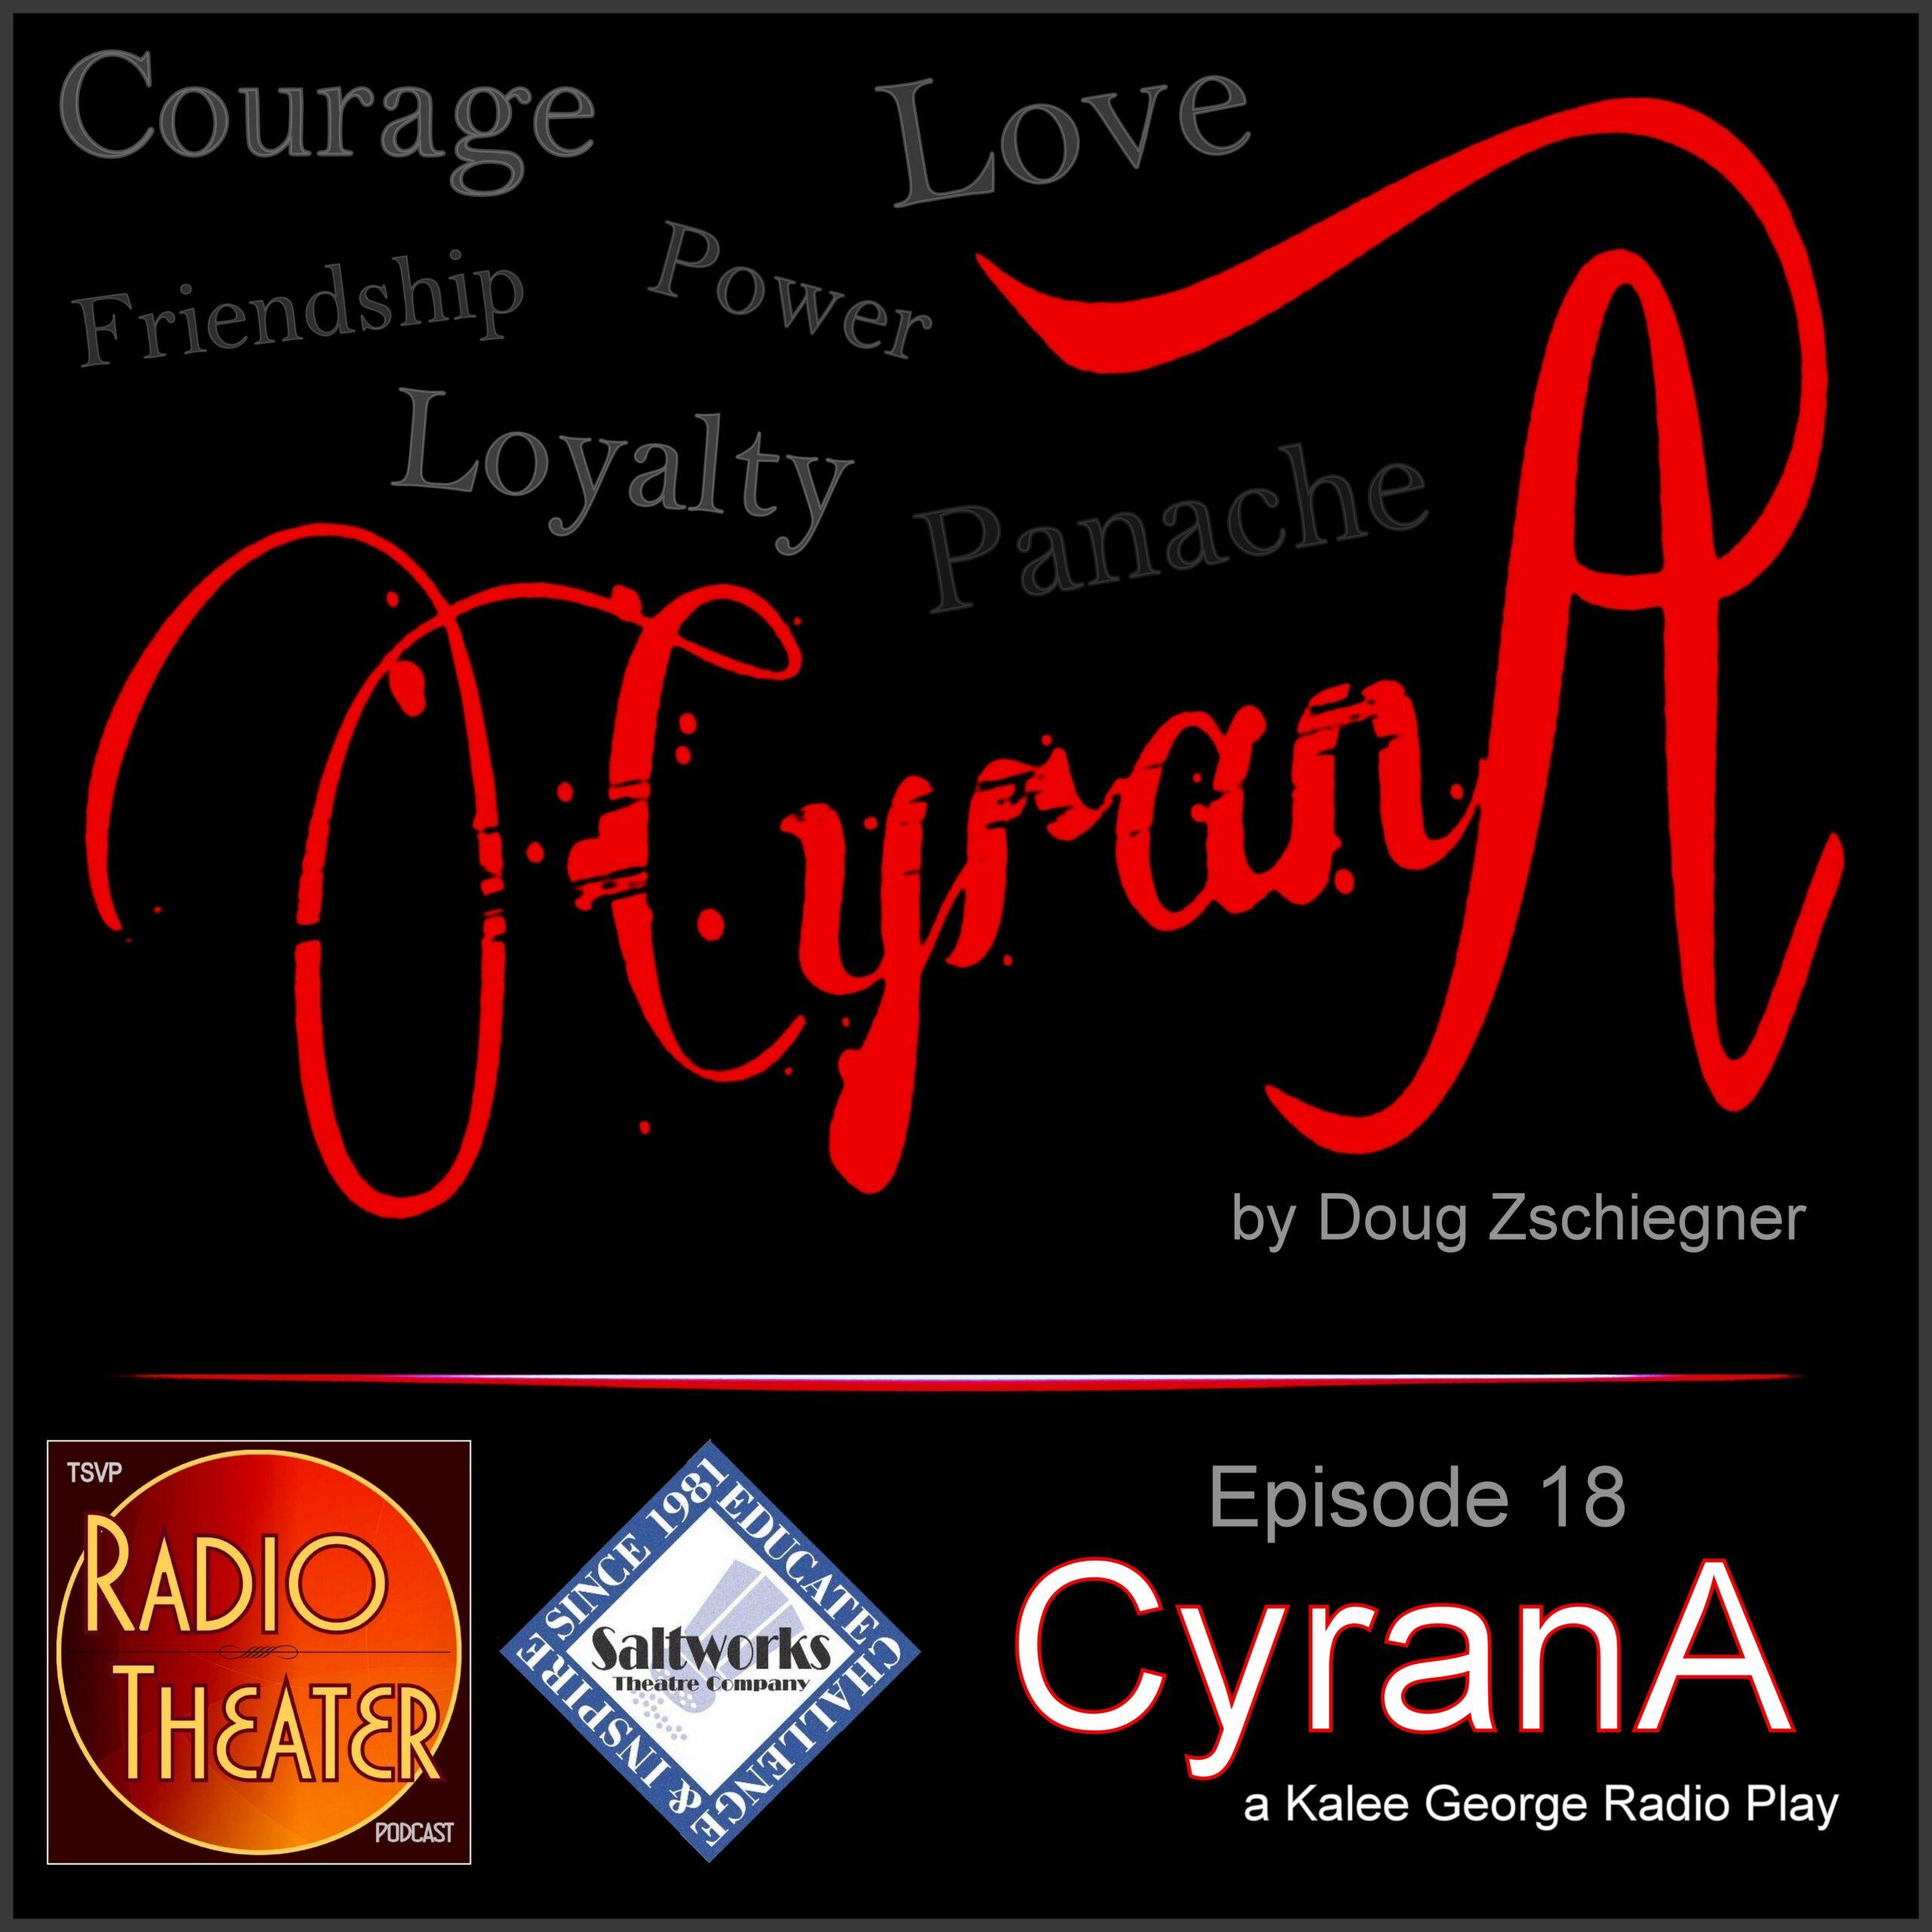 RTP18 - CYRANA